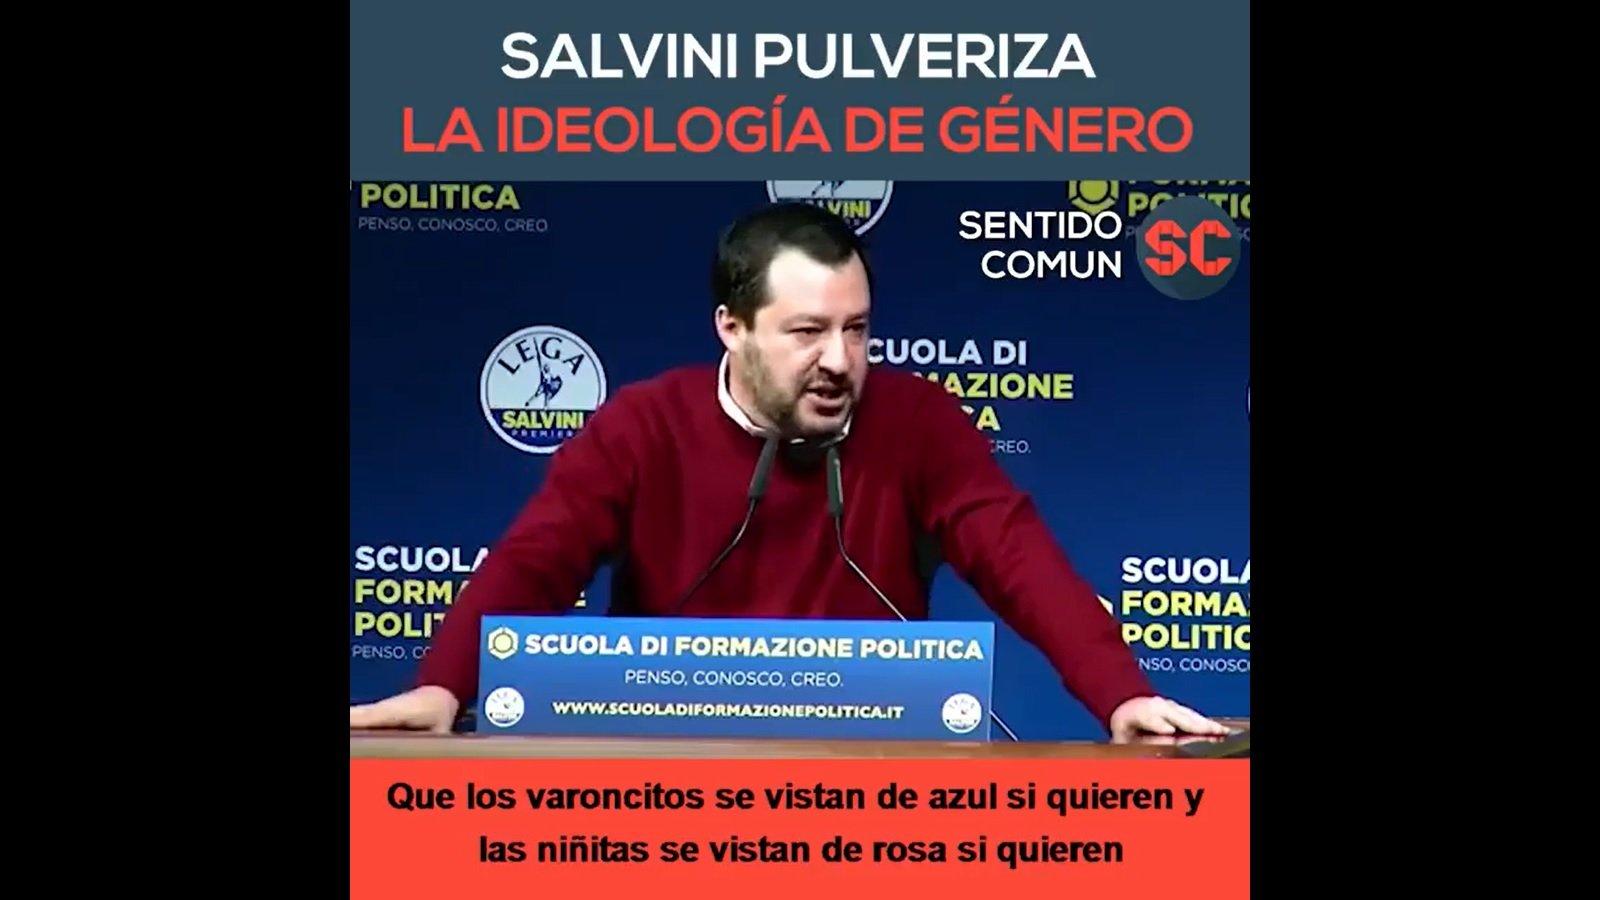 Salvini contra la ideología de género